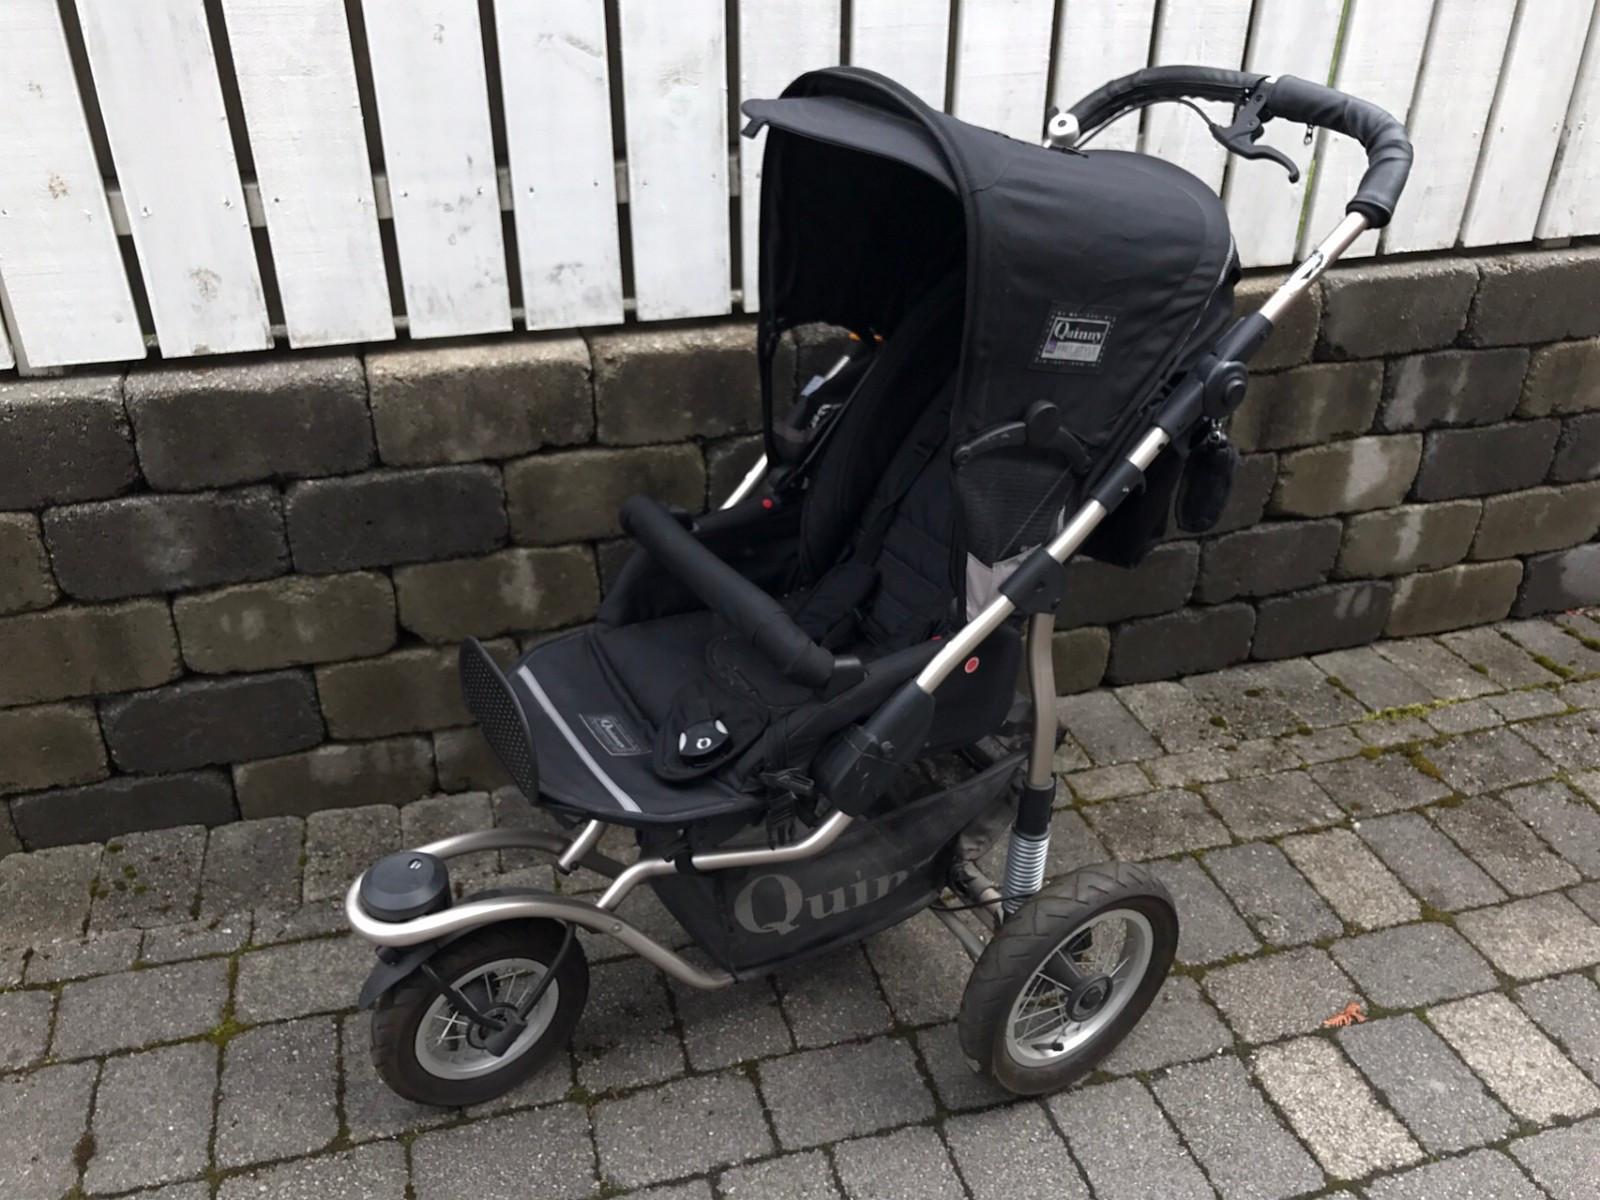 Quinny barnevogn - Stavanger  - Fint brukt quinny barnevogn med bag og sittedel. Kom gjerne med bud. Må hentes. - Stavanger